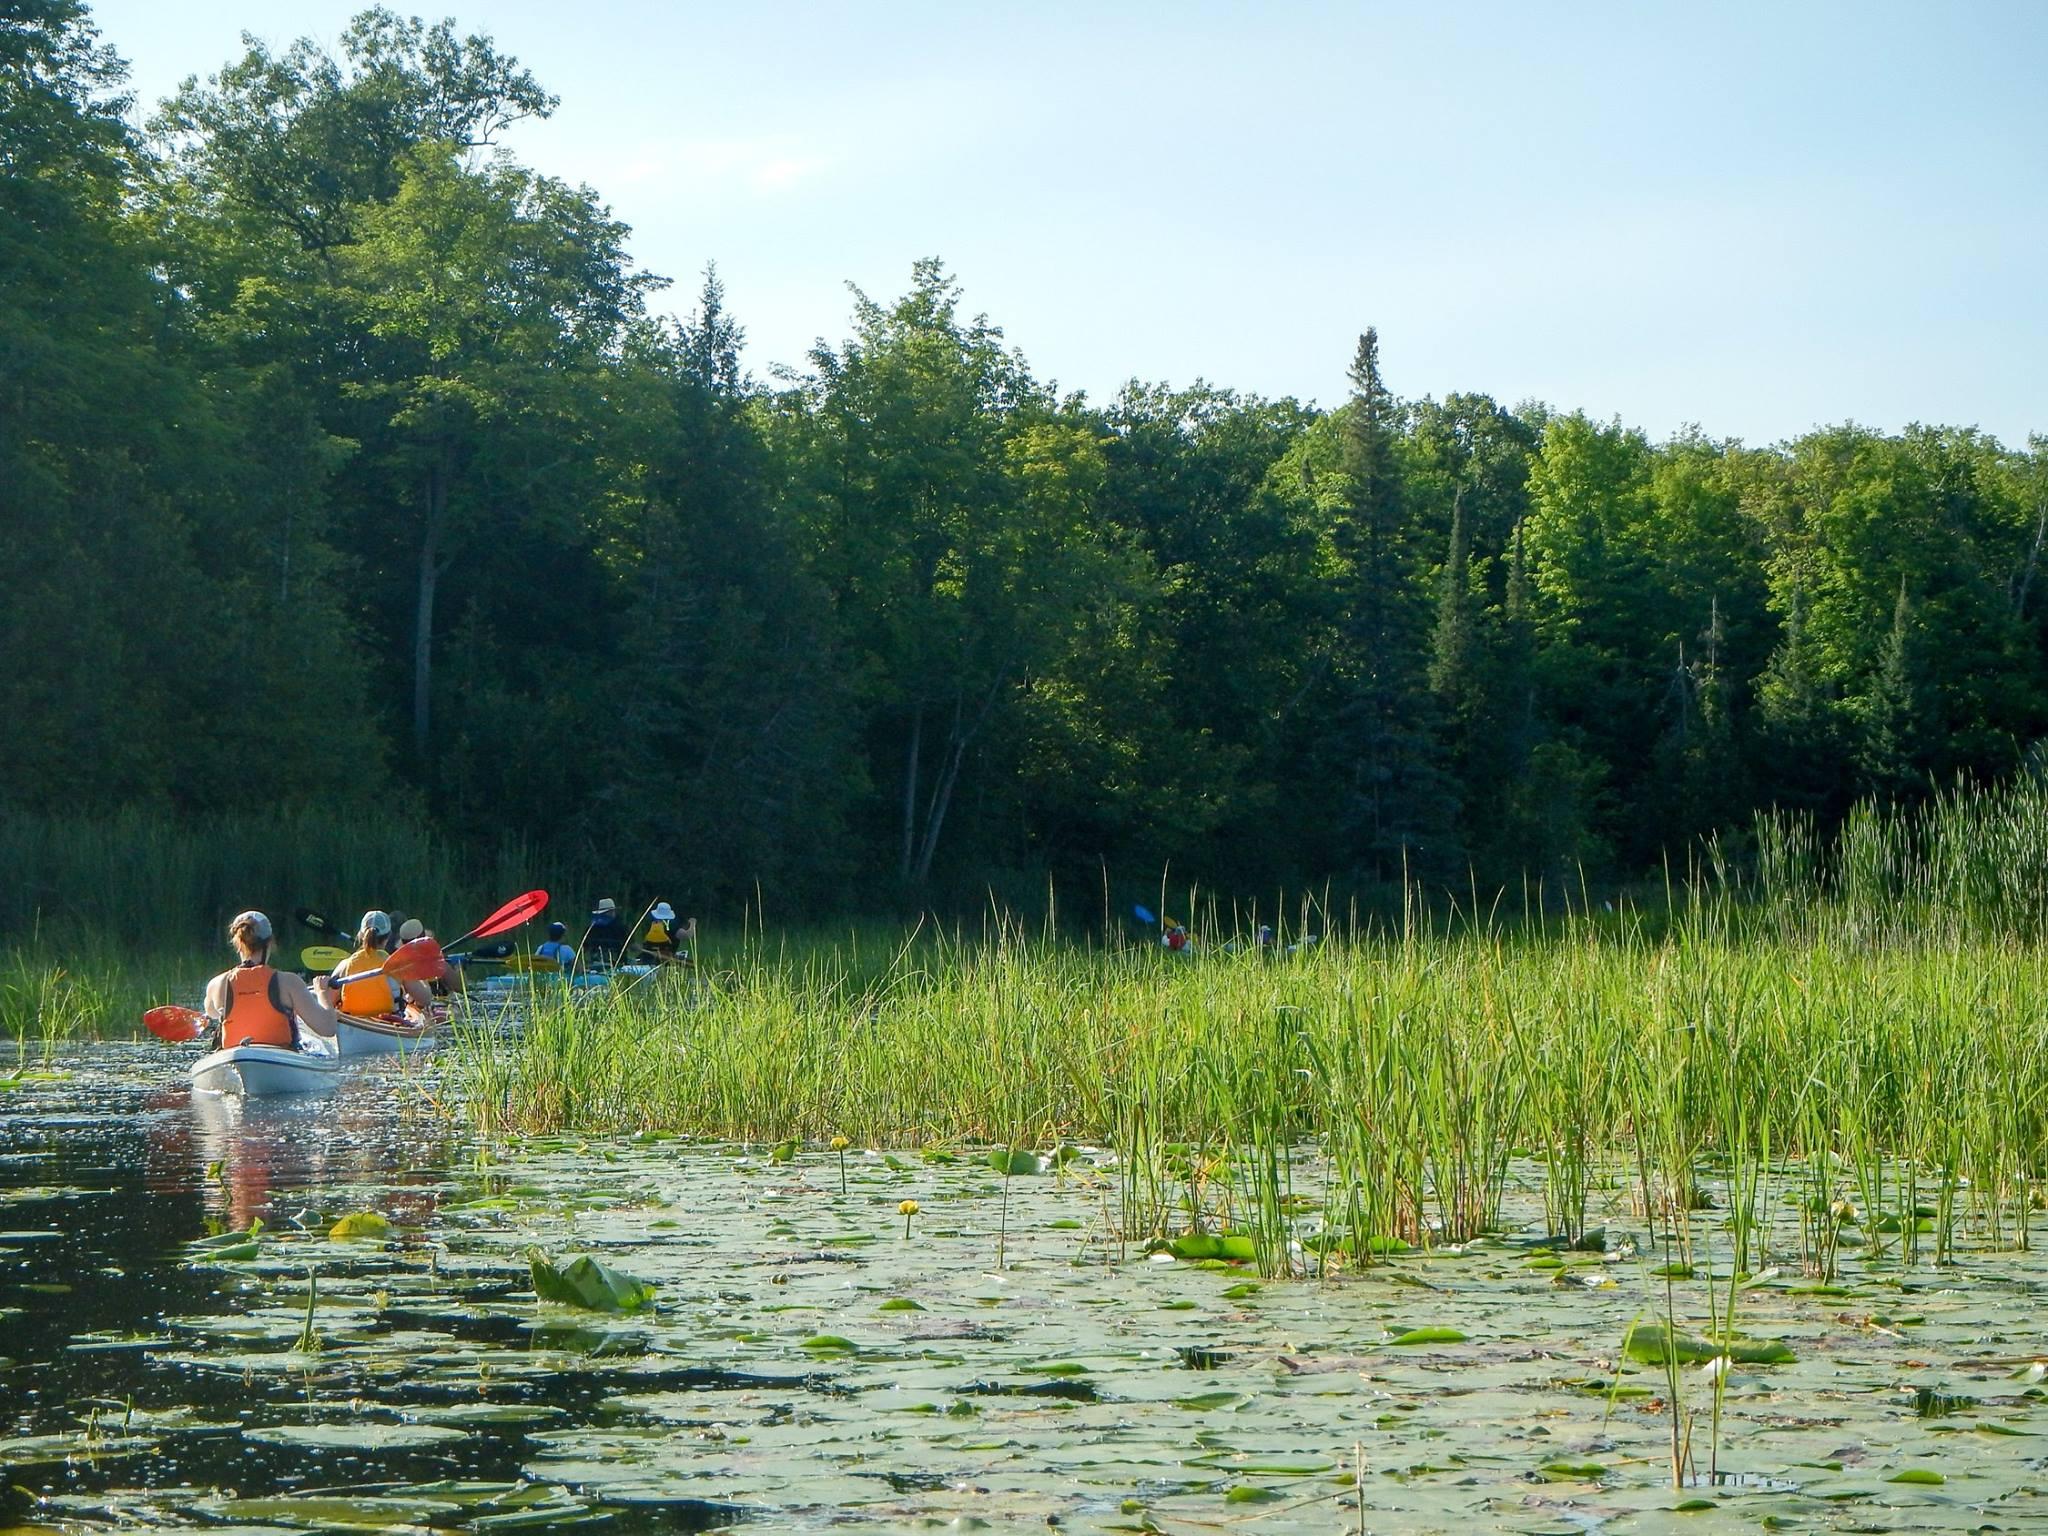 ptbo-paddling-club-1.jpg